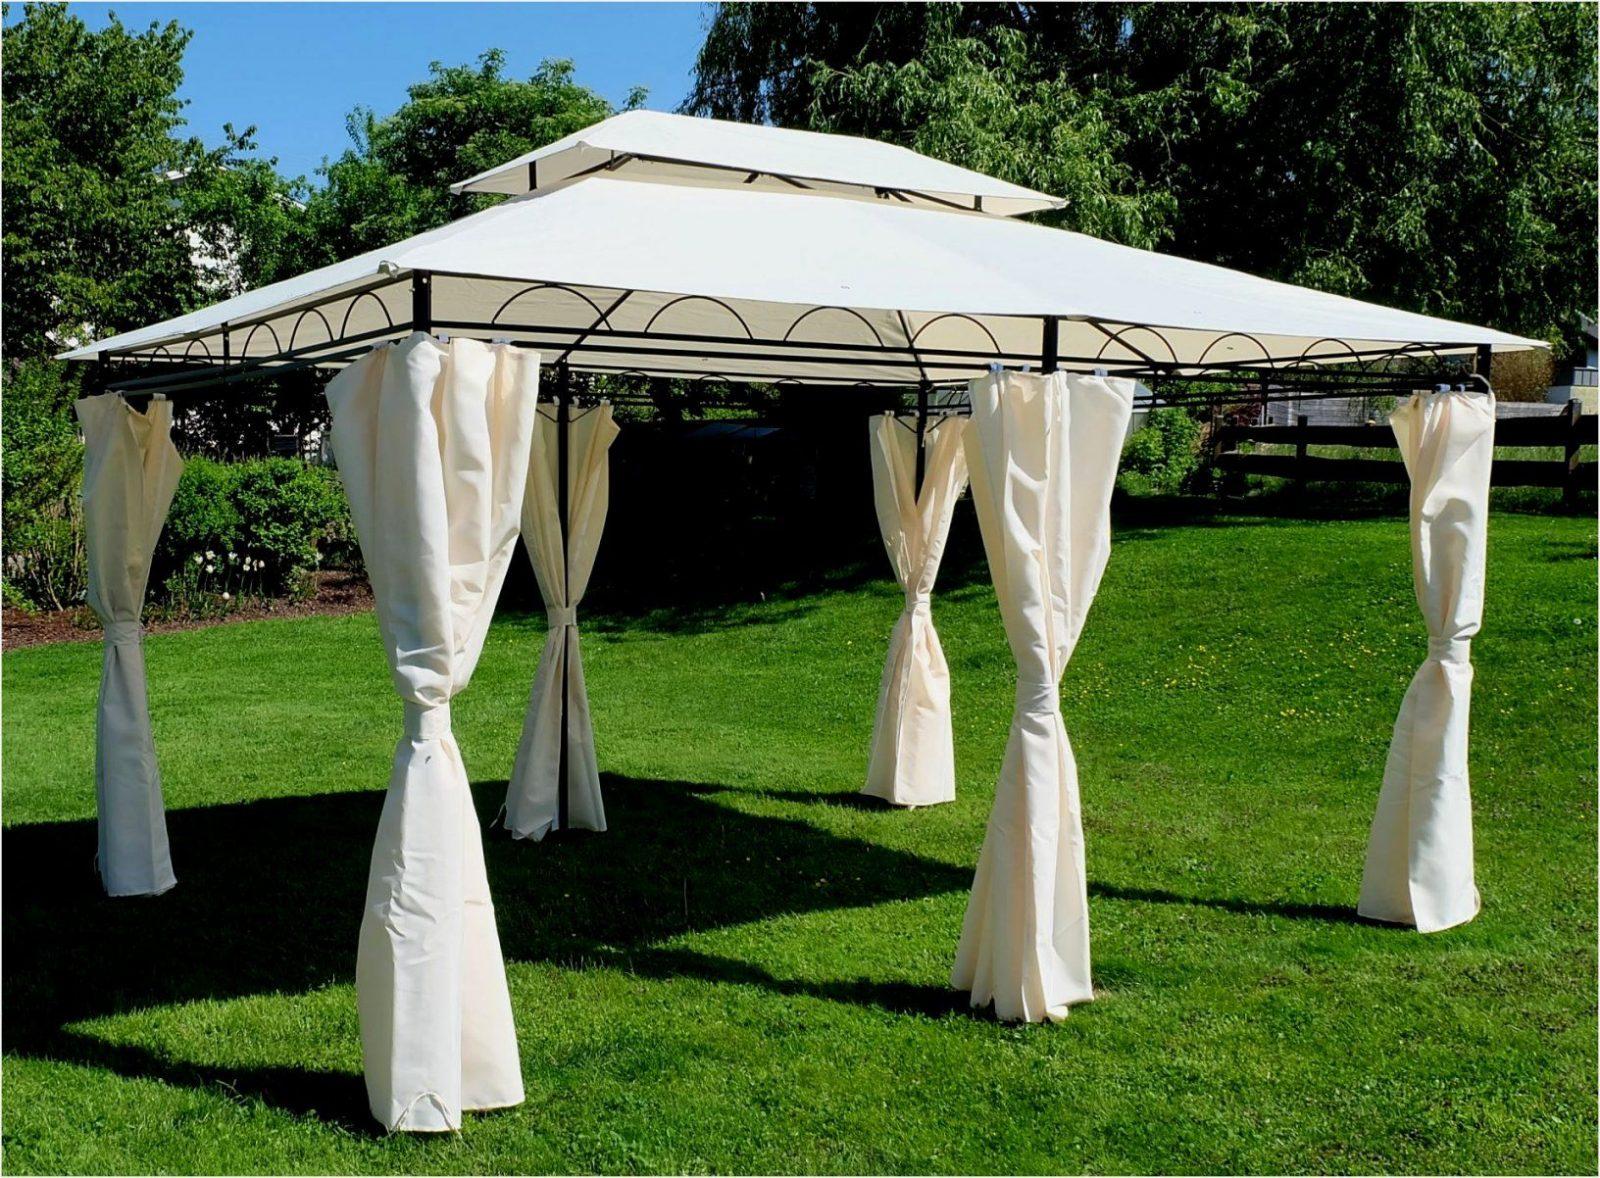 Schönheit Pavillon Wasserdicht 3X3M Ersatzdach Viele Farben Und von Pavillon Dach 3X3M Wasserdicht Ersatzdach Bild